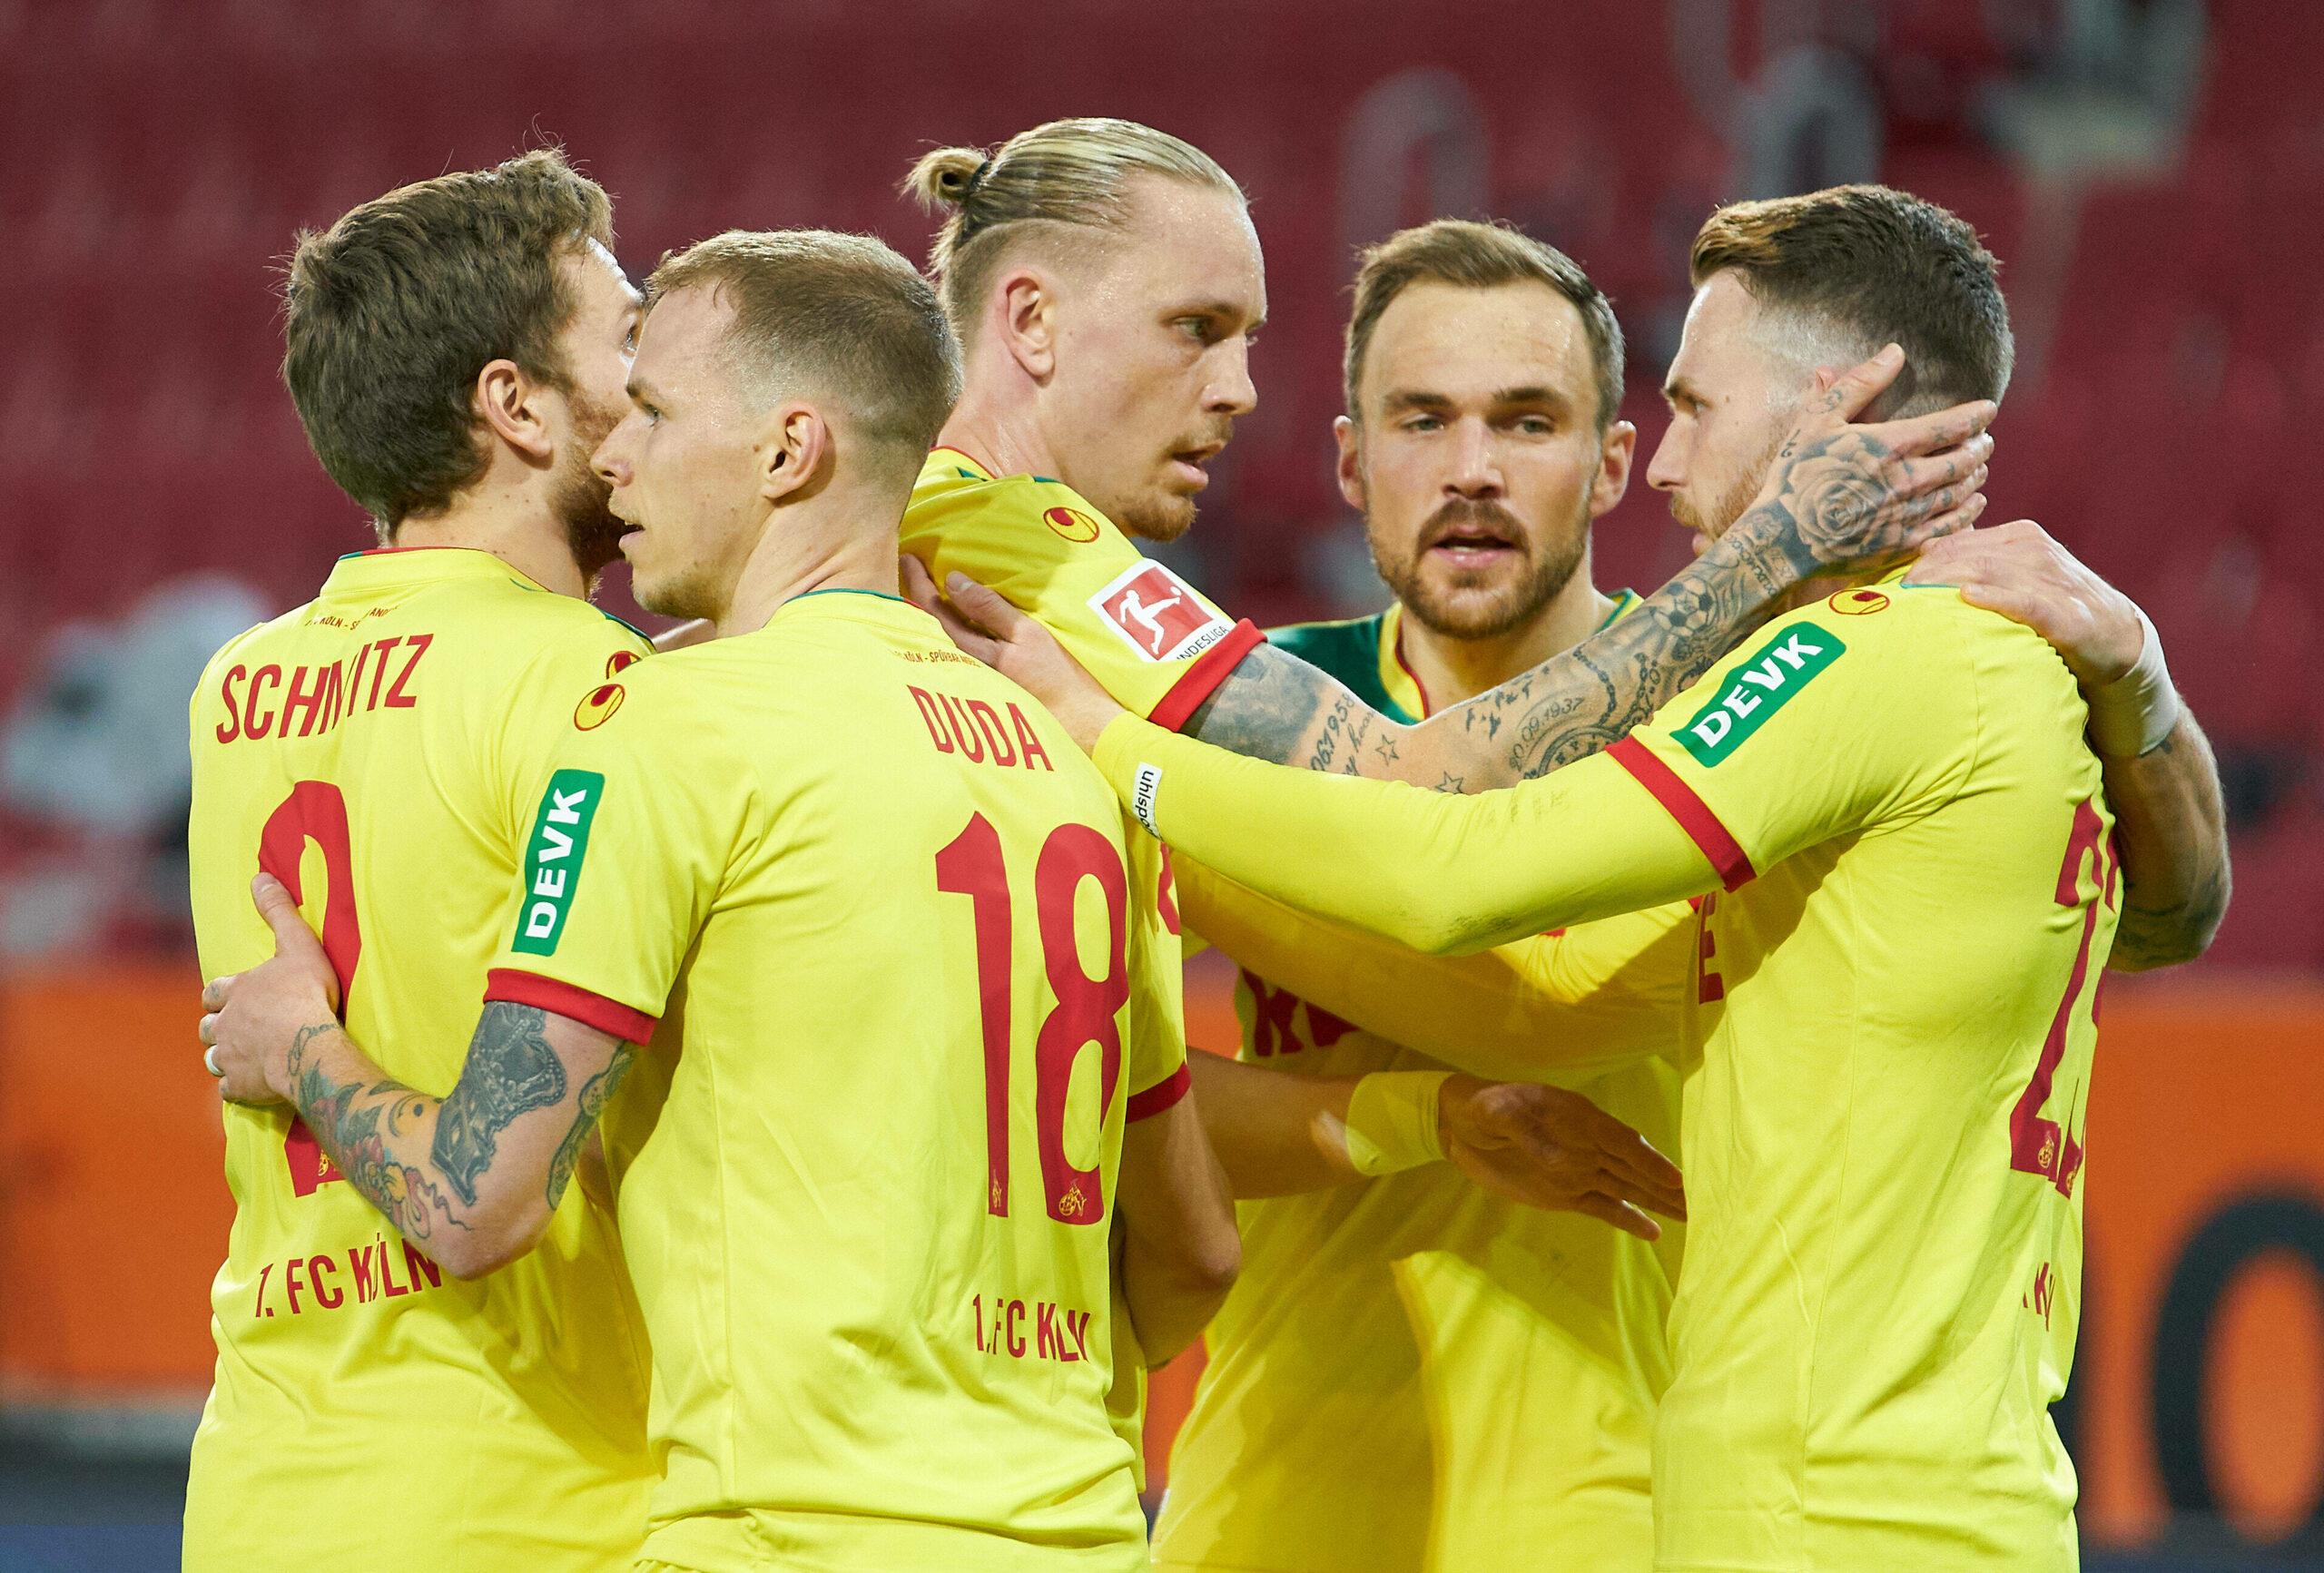 Kölner Team bejubelt Sieg gegen Augsburg